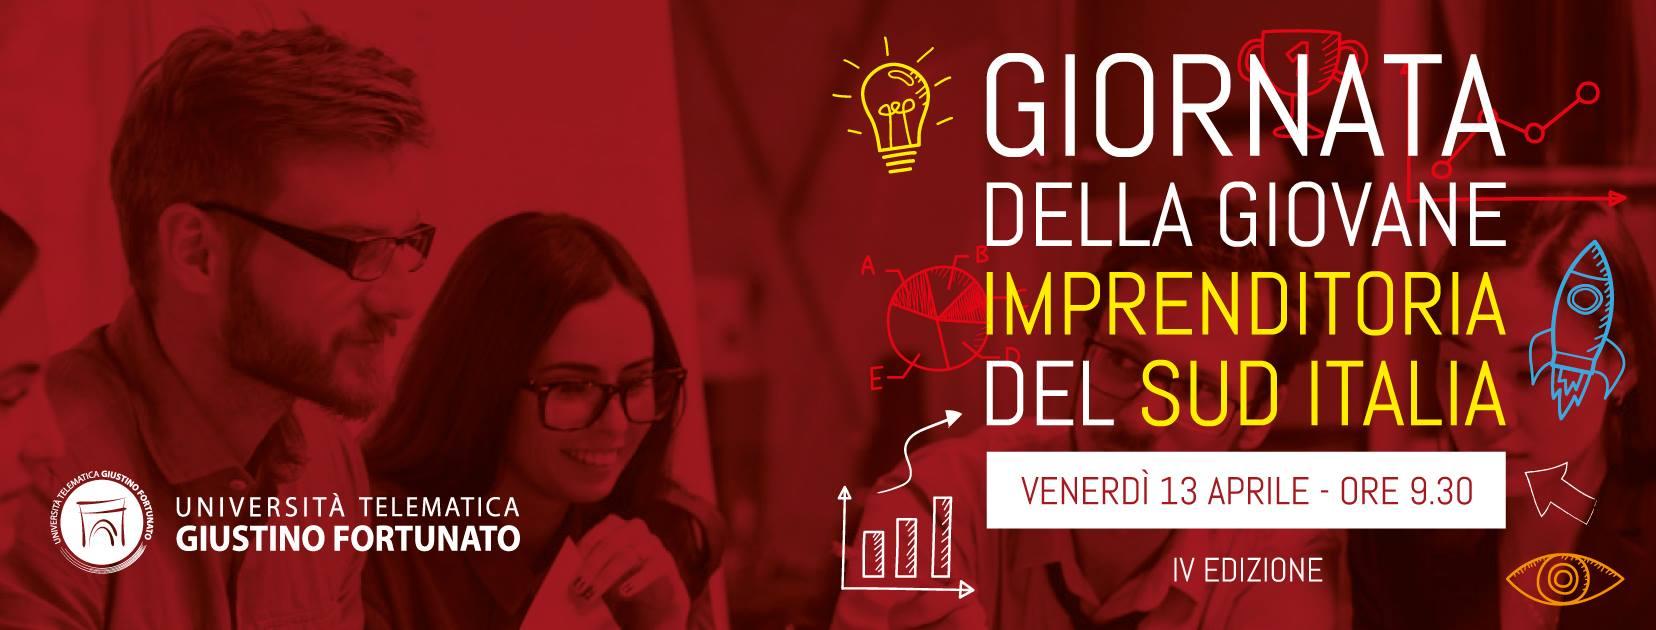 Promossa dall'Unifortunato la 'Giornata della giovane imprenditoria del Sud Italia'